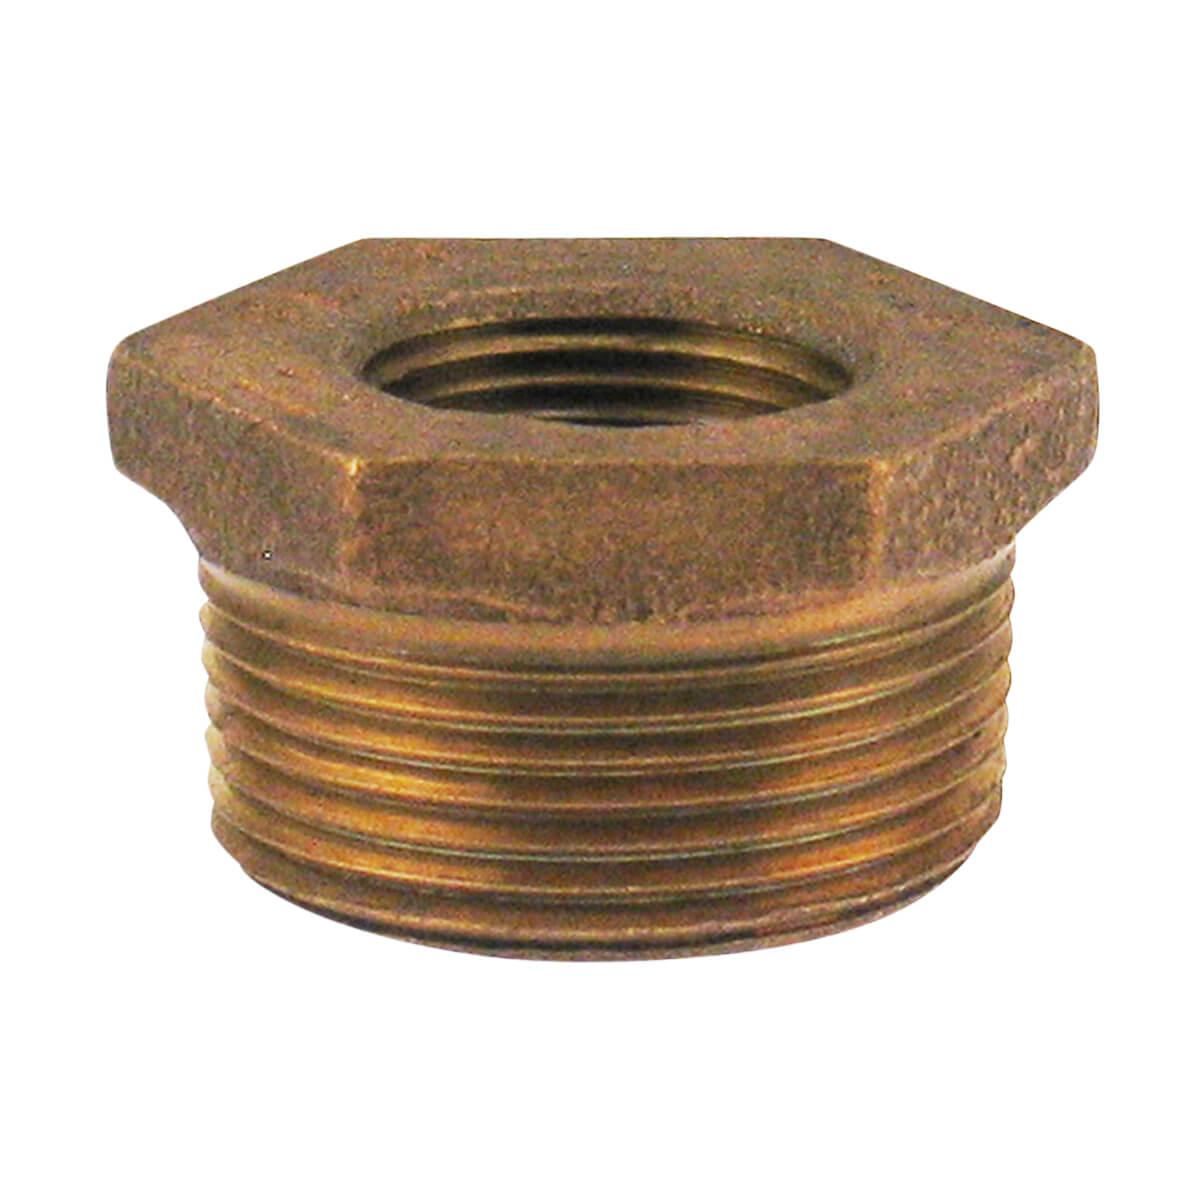 Bronze Bushing - 1-in x 1/2-in